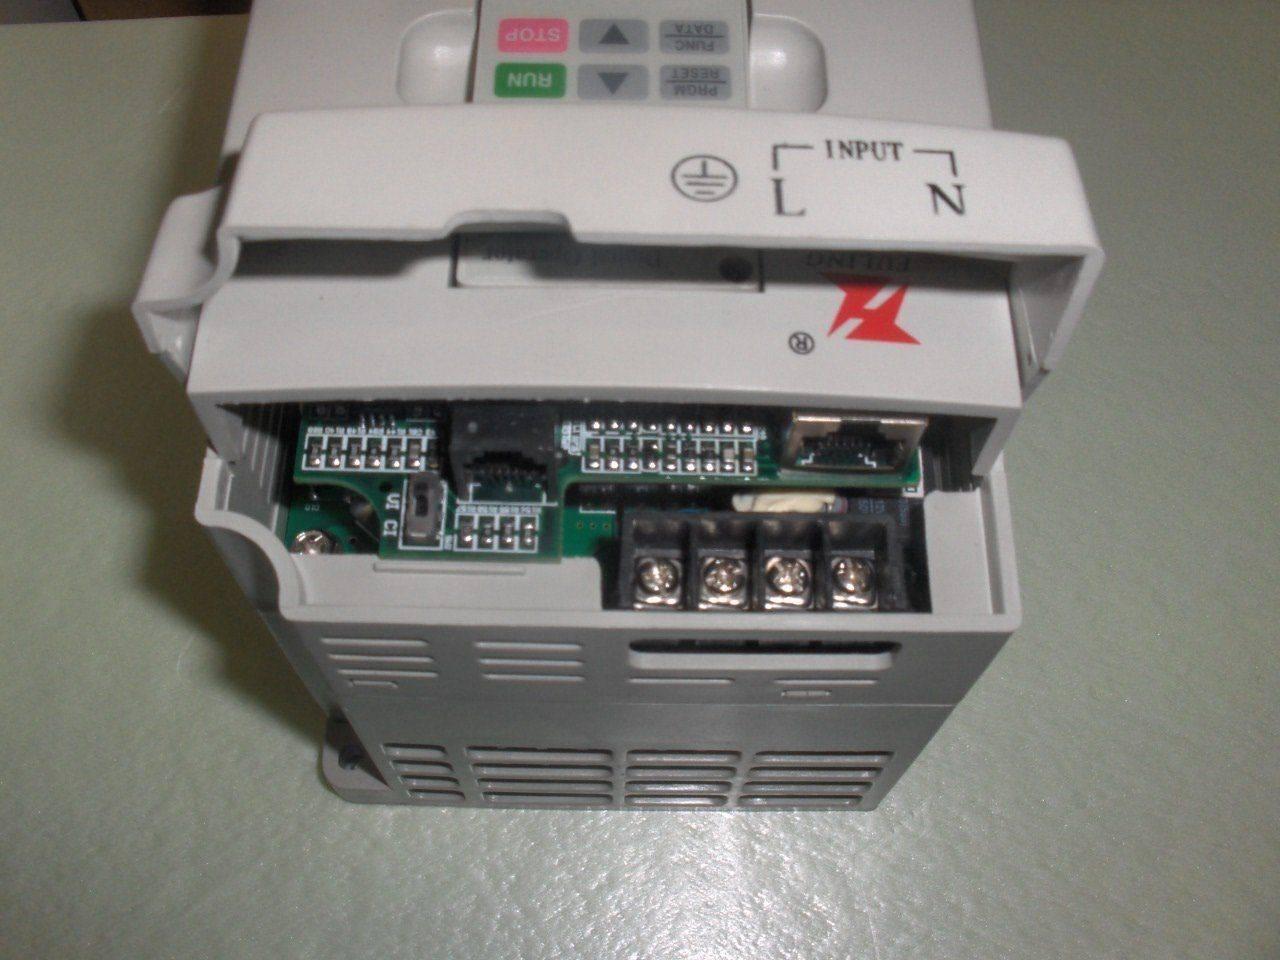 HPIM7933.JPG